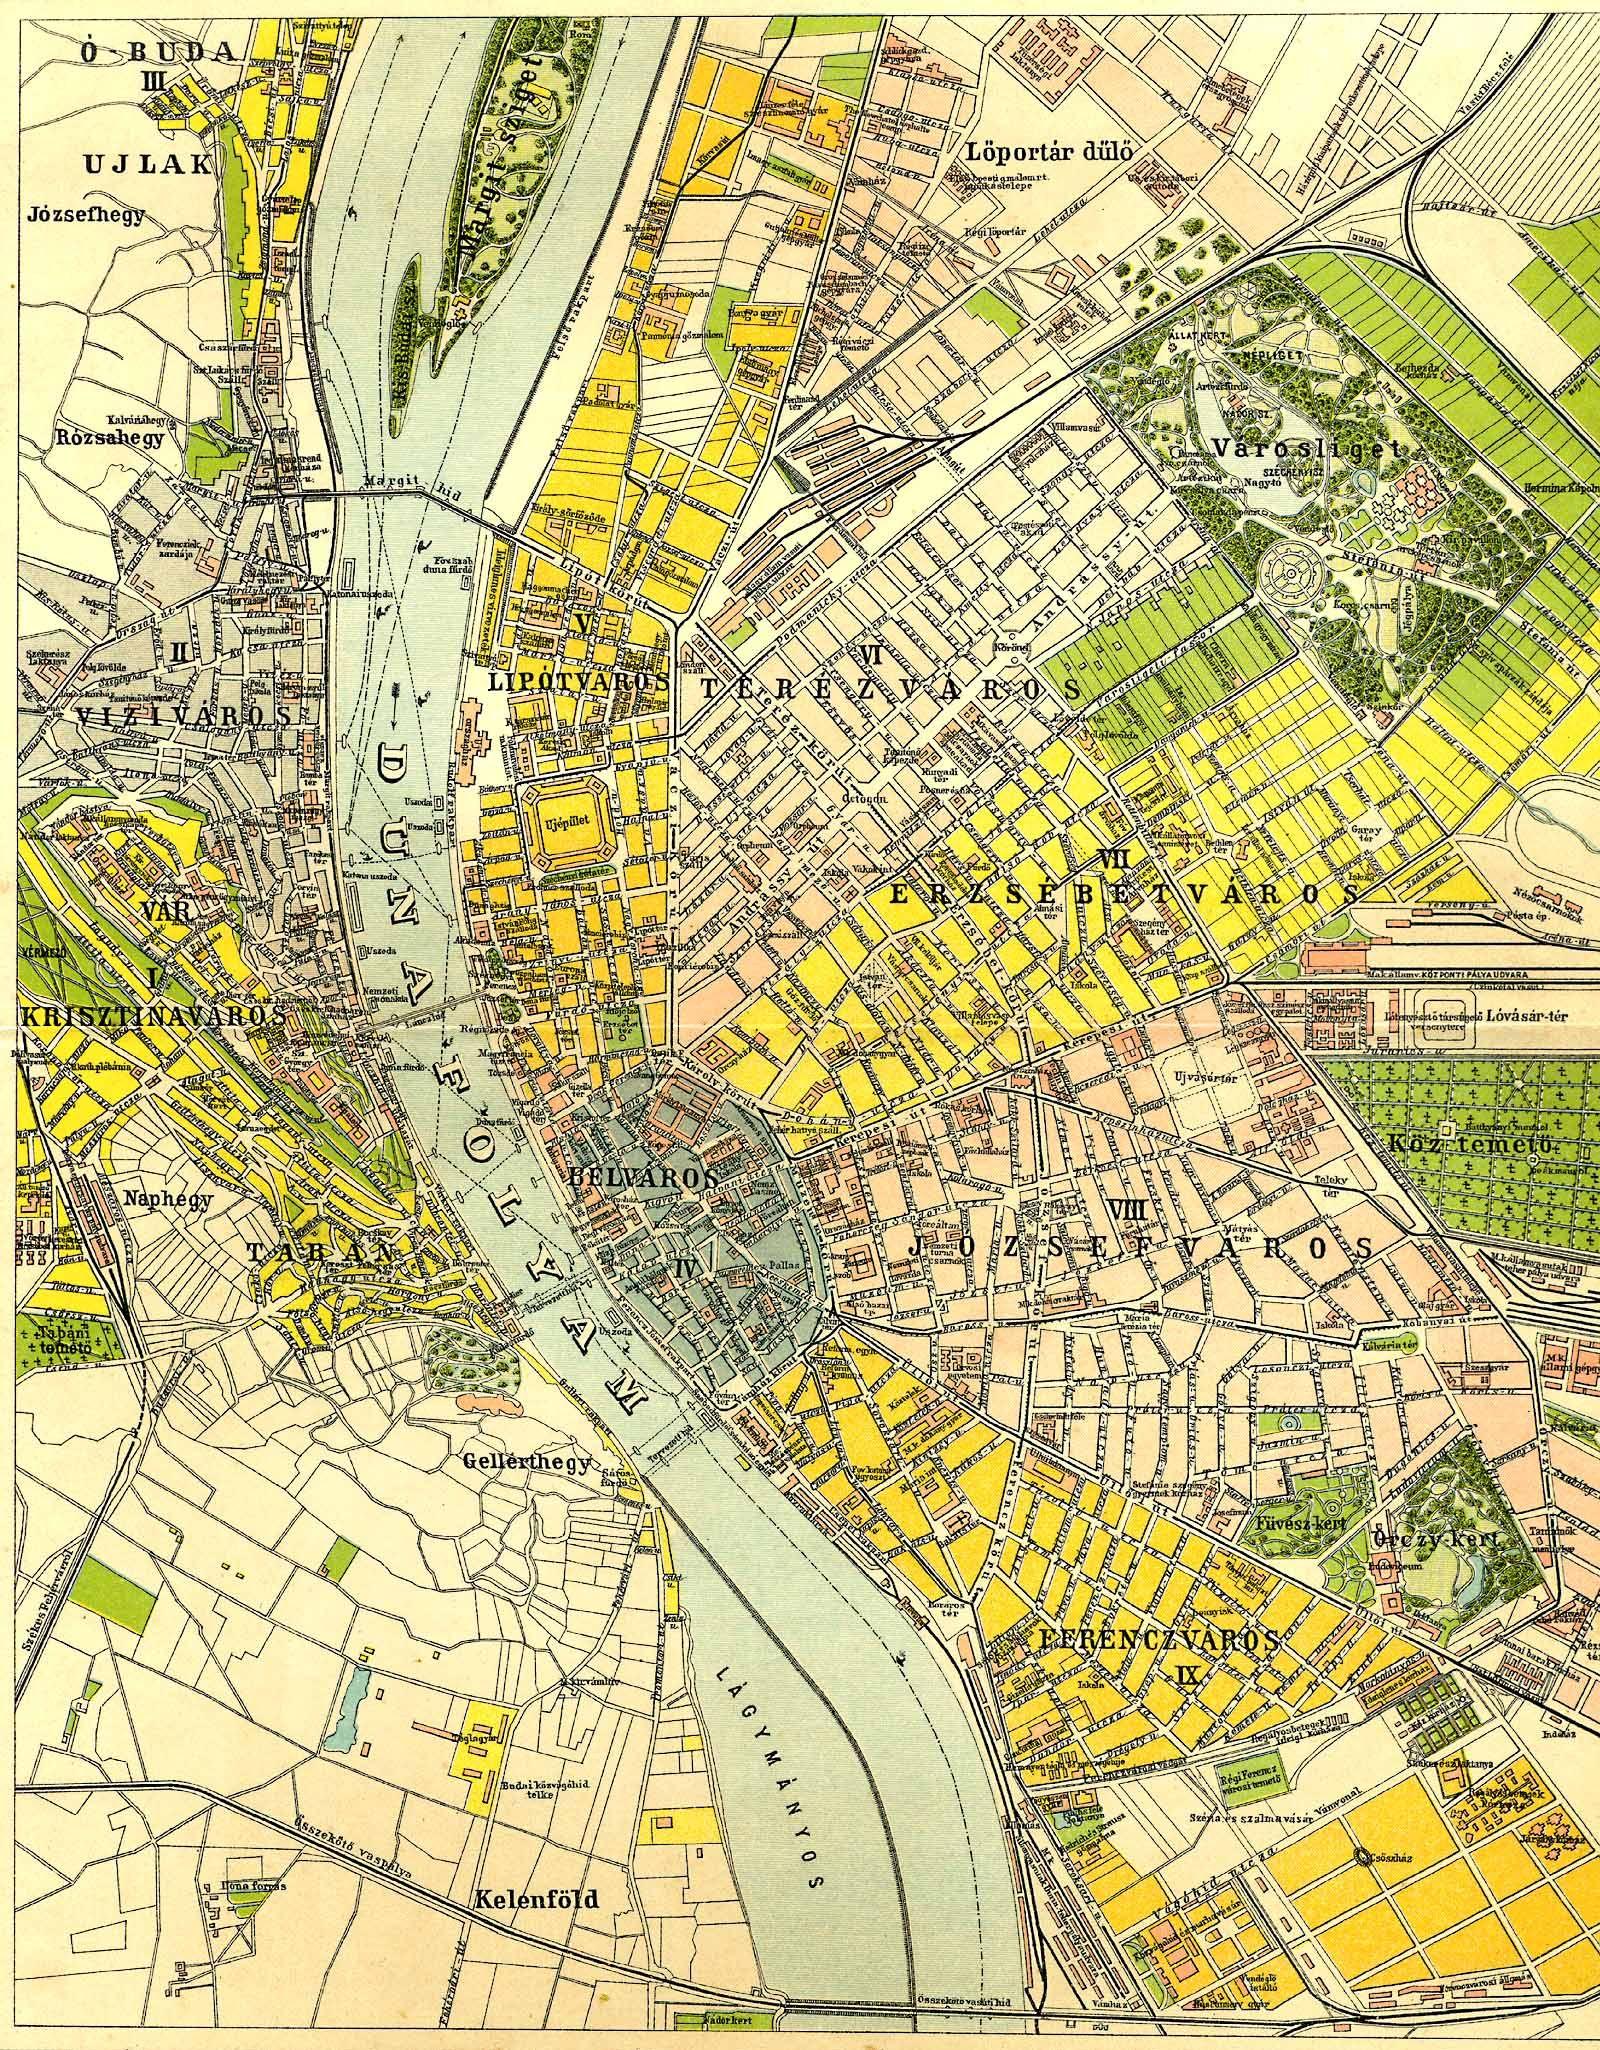 budapest térkép soroksár A Pallas nagy lexikona budapest térkép soroksár